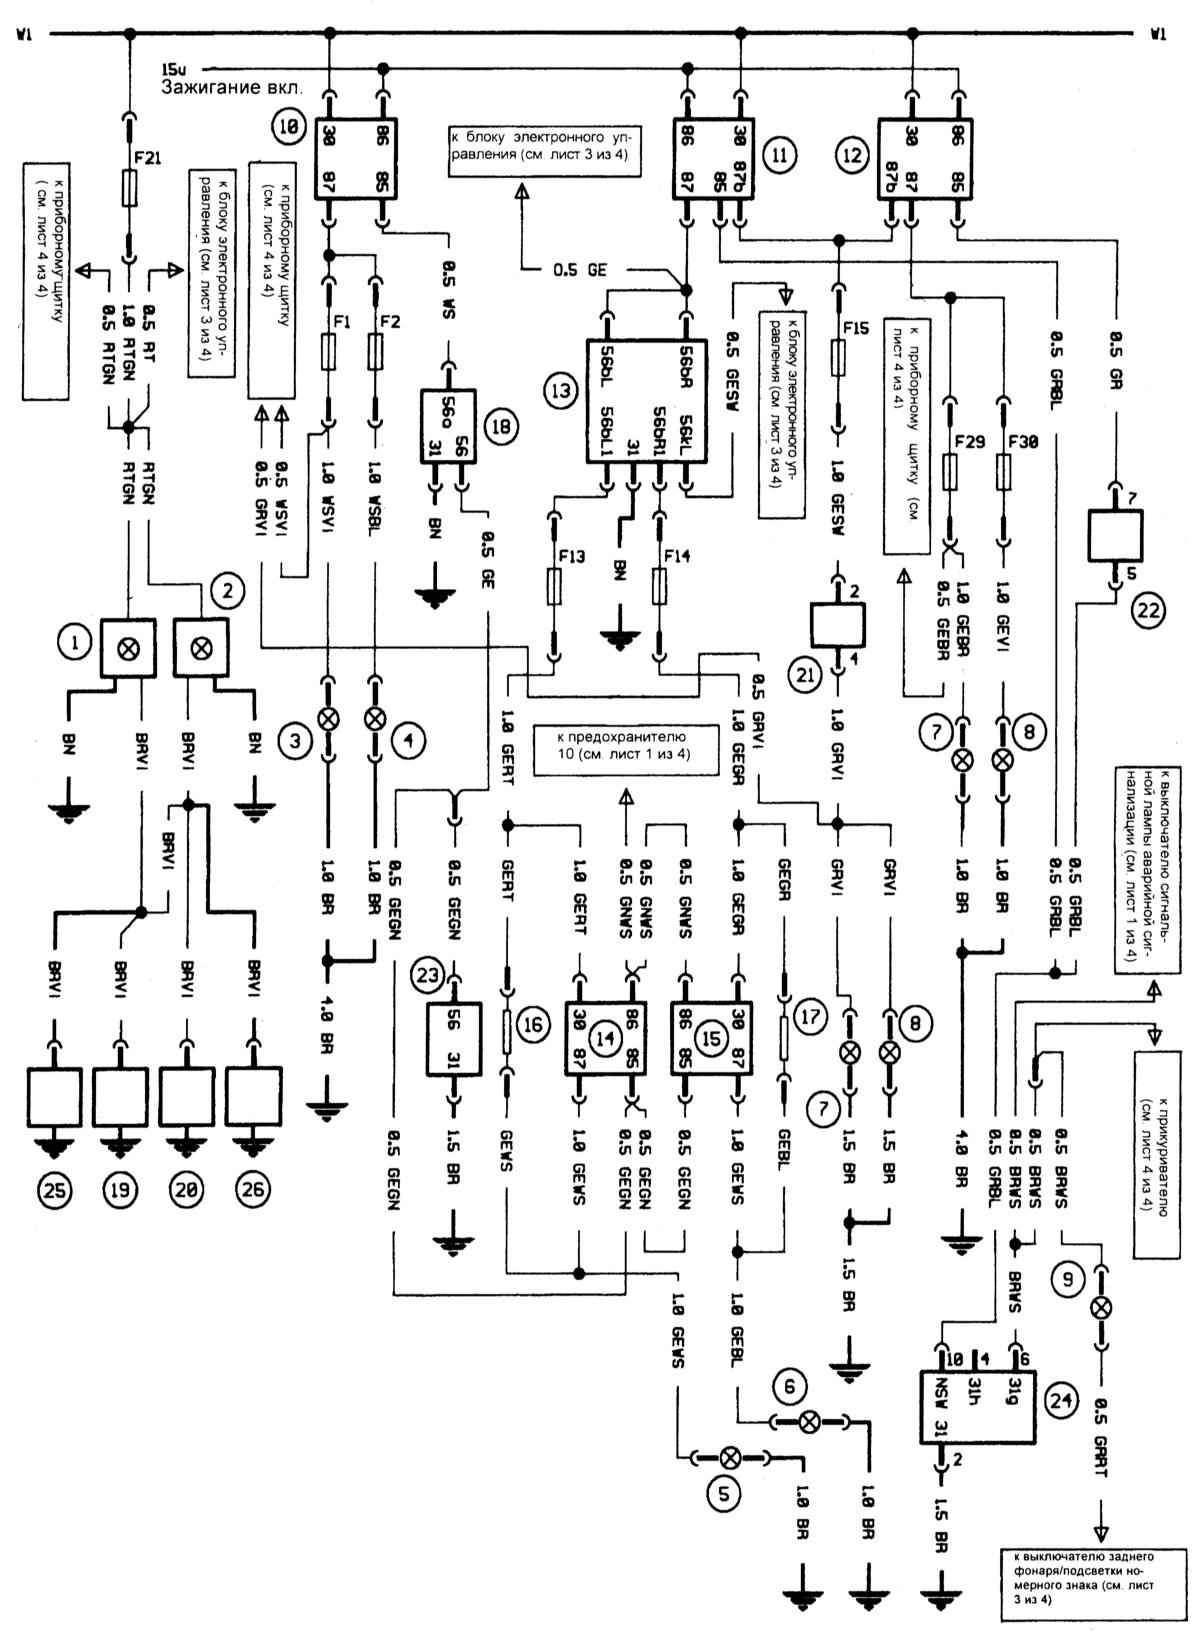 Bmw e34 схема сигнала